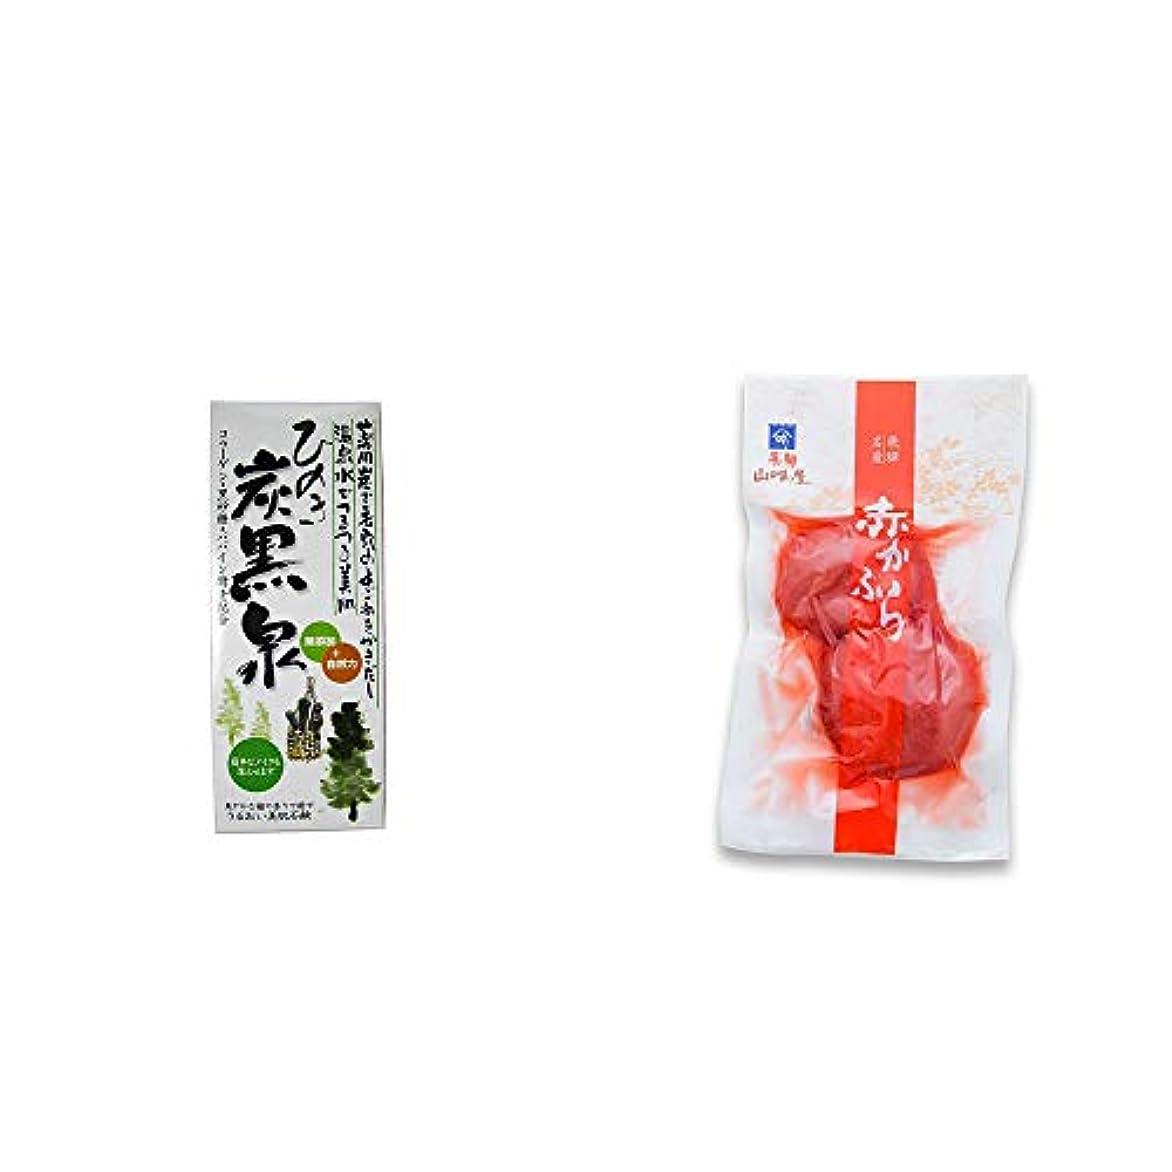 鼓舞する麺無謀[2点セット] ひのき炭黒泉 箱入り(75g×3)?飛騨山味屋 赤かぶら【小】(140g)